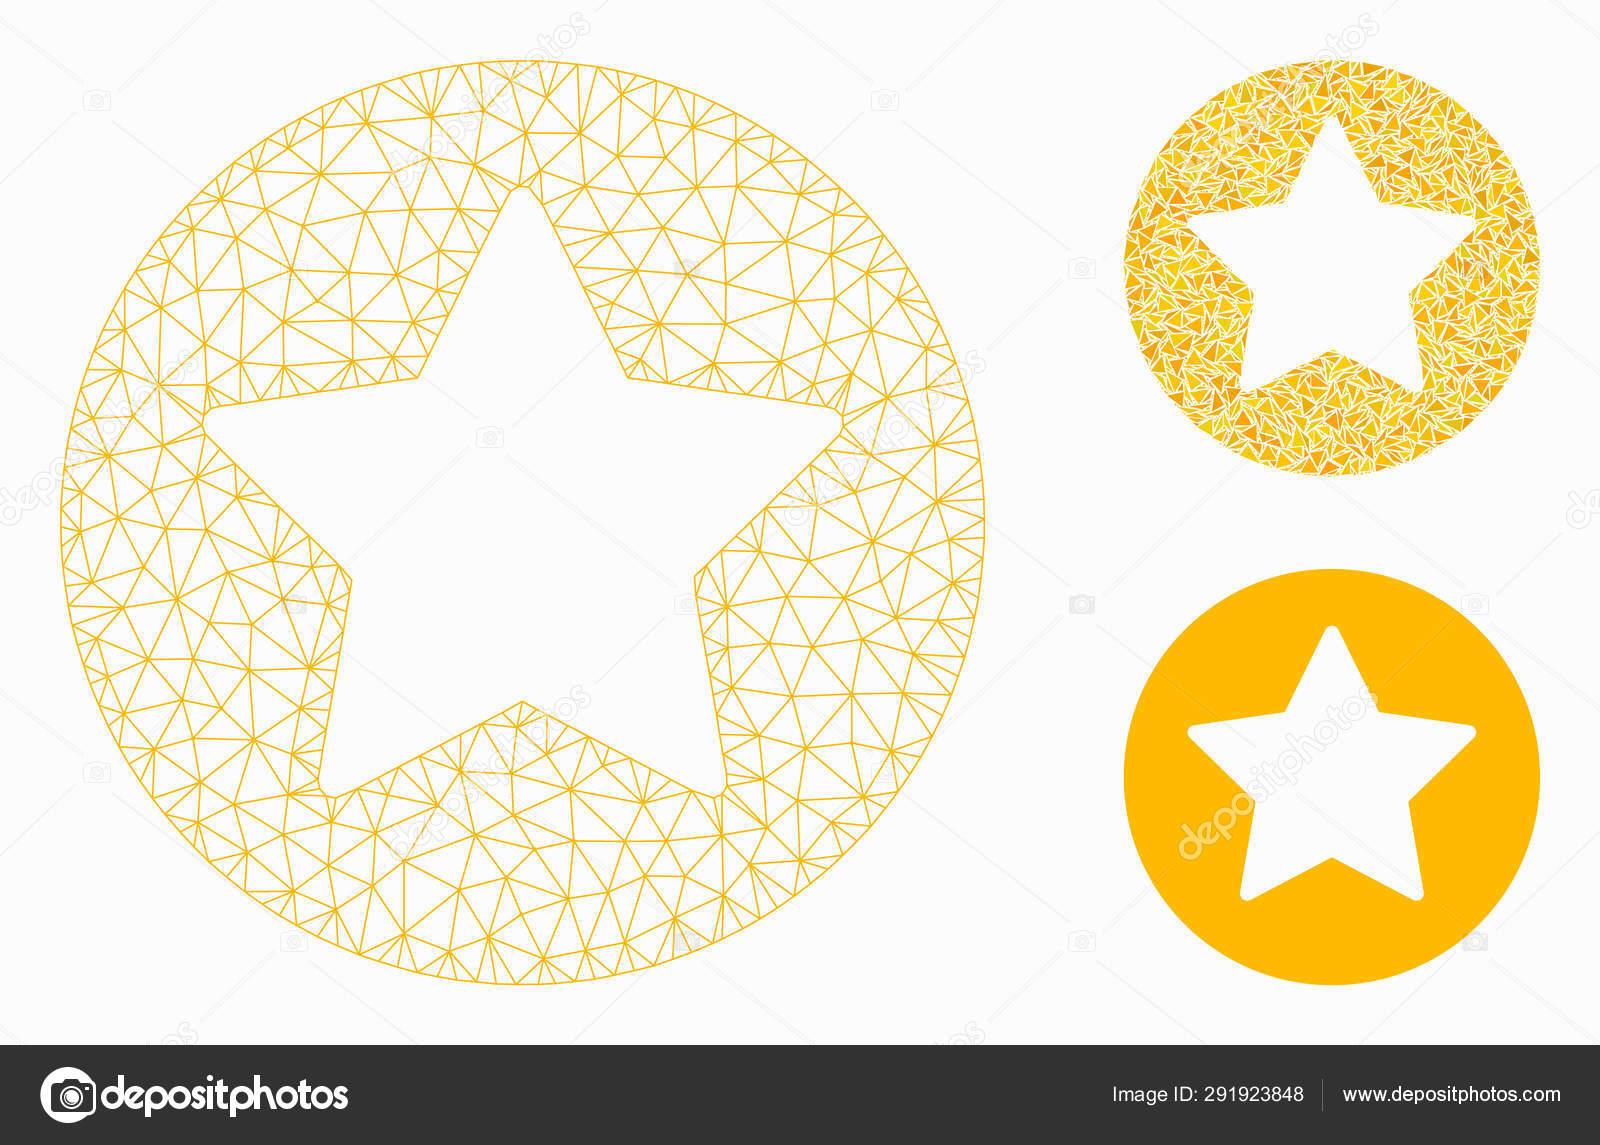 ilmainen toimitus tukkukauppa uusi korkealaatuinen Rounded Star Vector Mesh Carcass Model and Triangle Mosaic ...